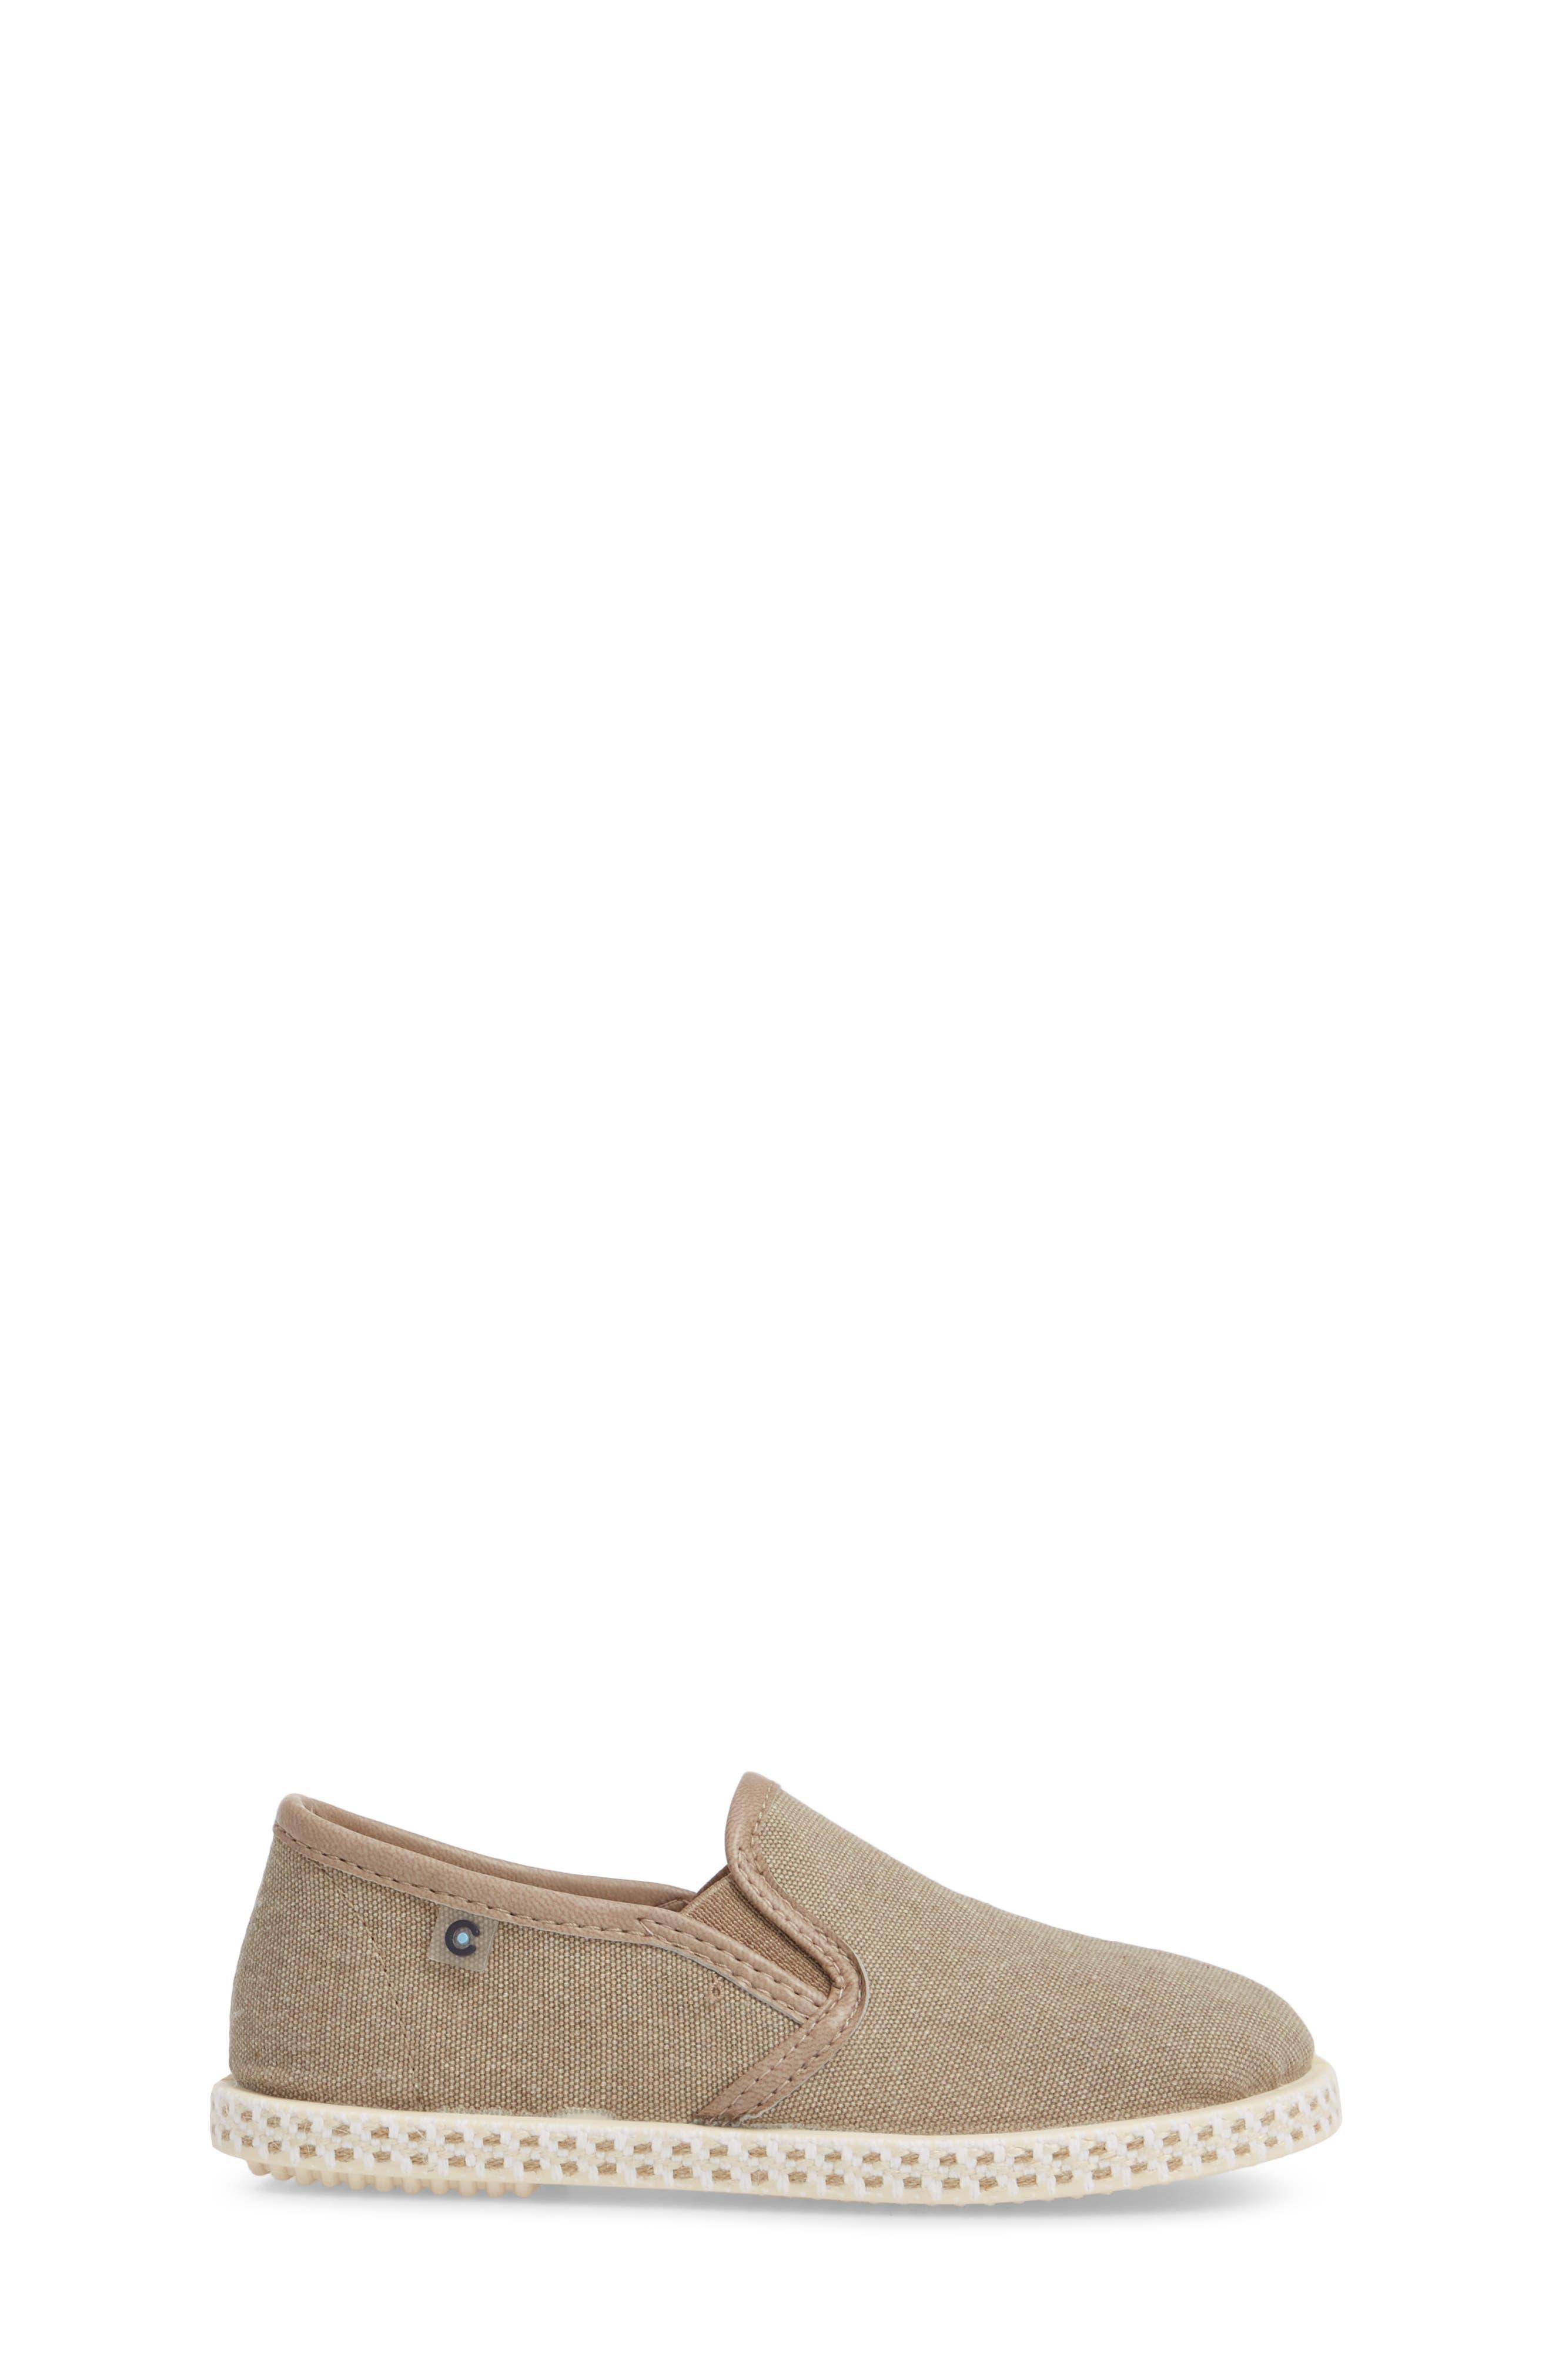 Lona Slip-On Sneaker,                             Alternate thumbnail 3, color,                             TAUPE